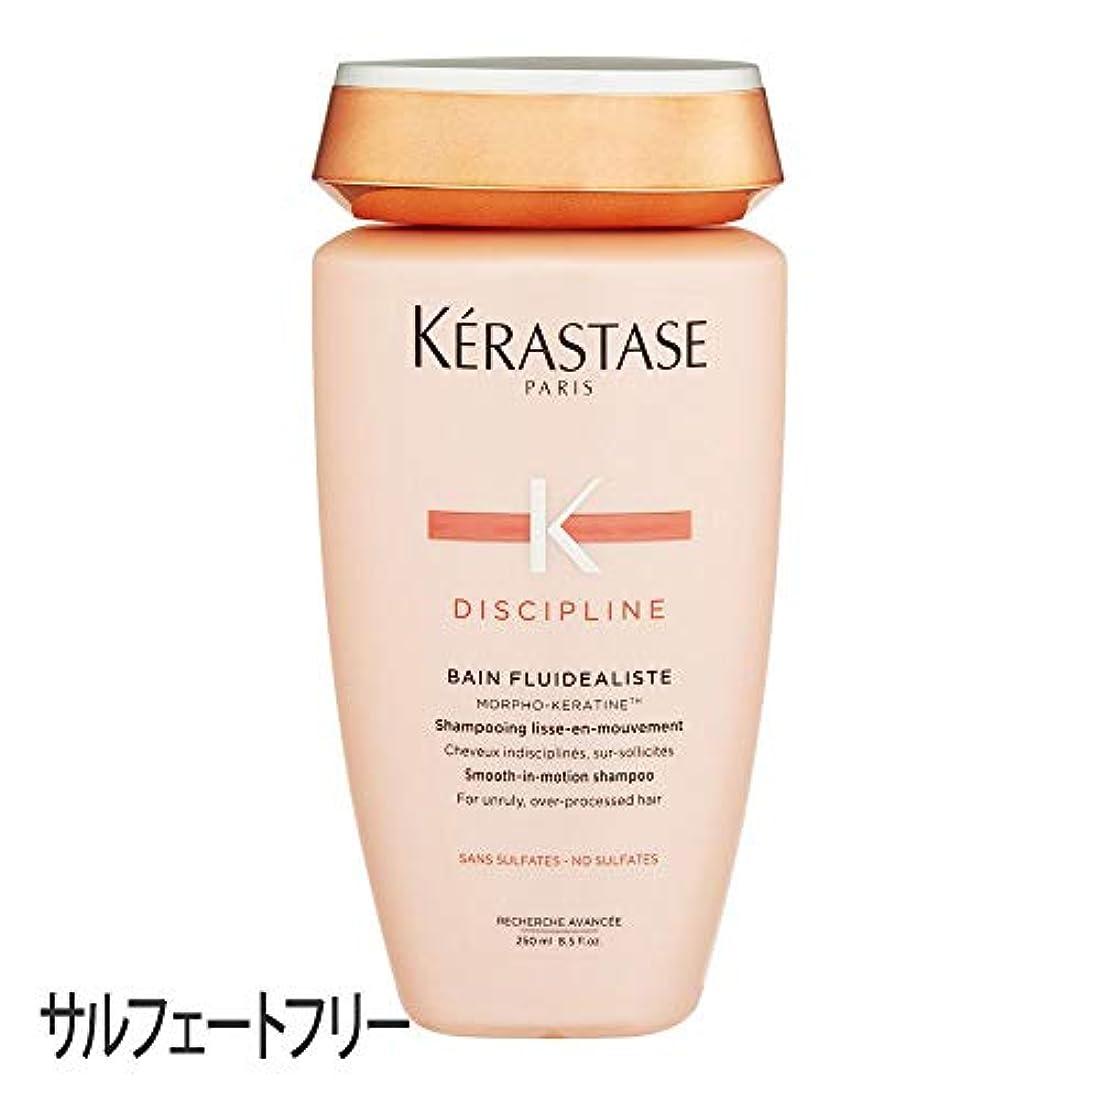 有利カメラ物理的なKerastase Discipline Bain Fluidealiste Shampoo 250ml [並行輸入品]